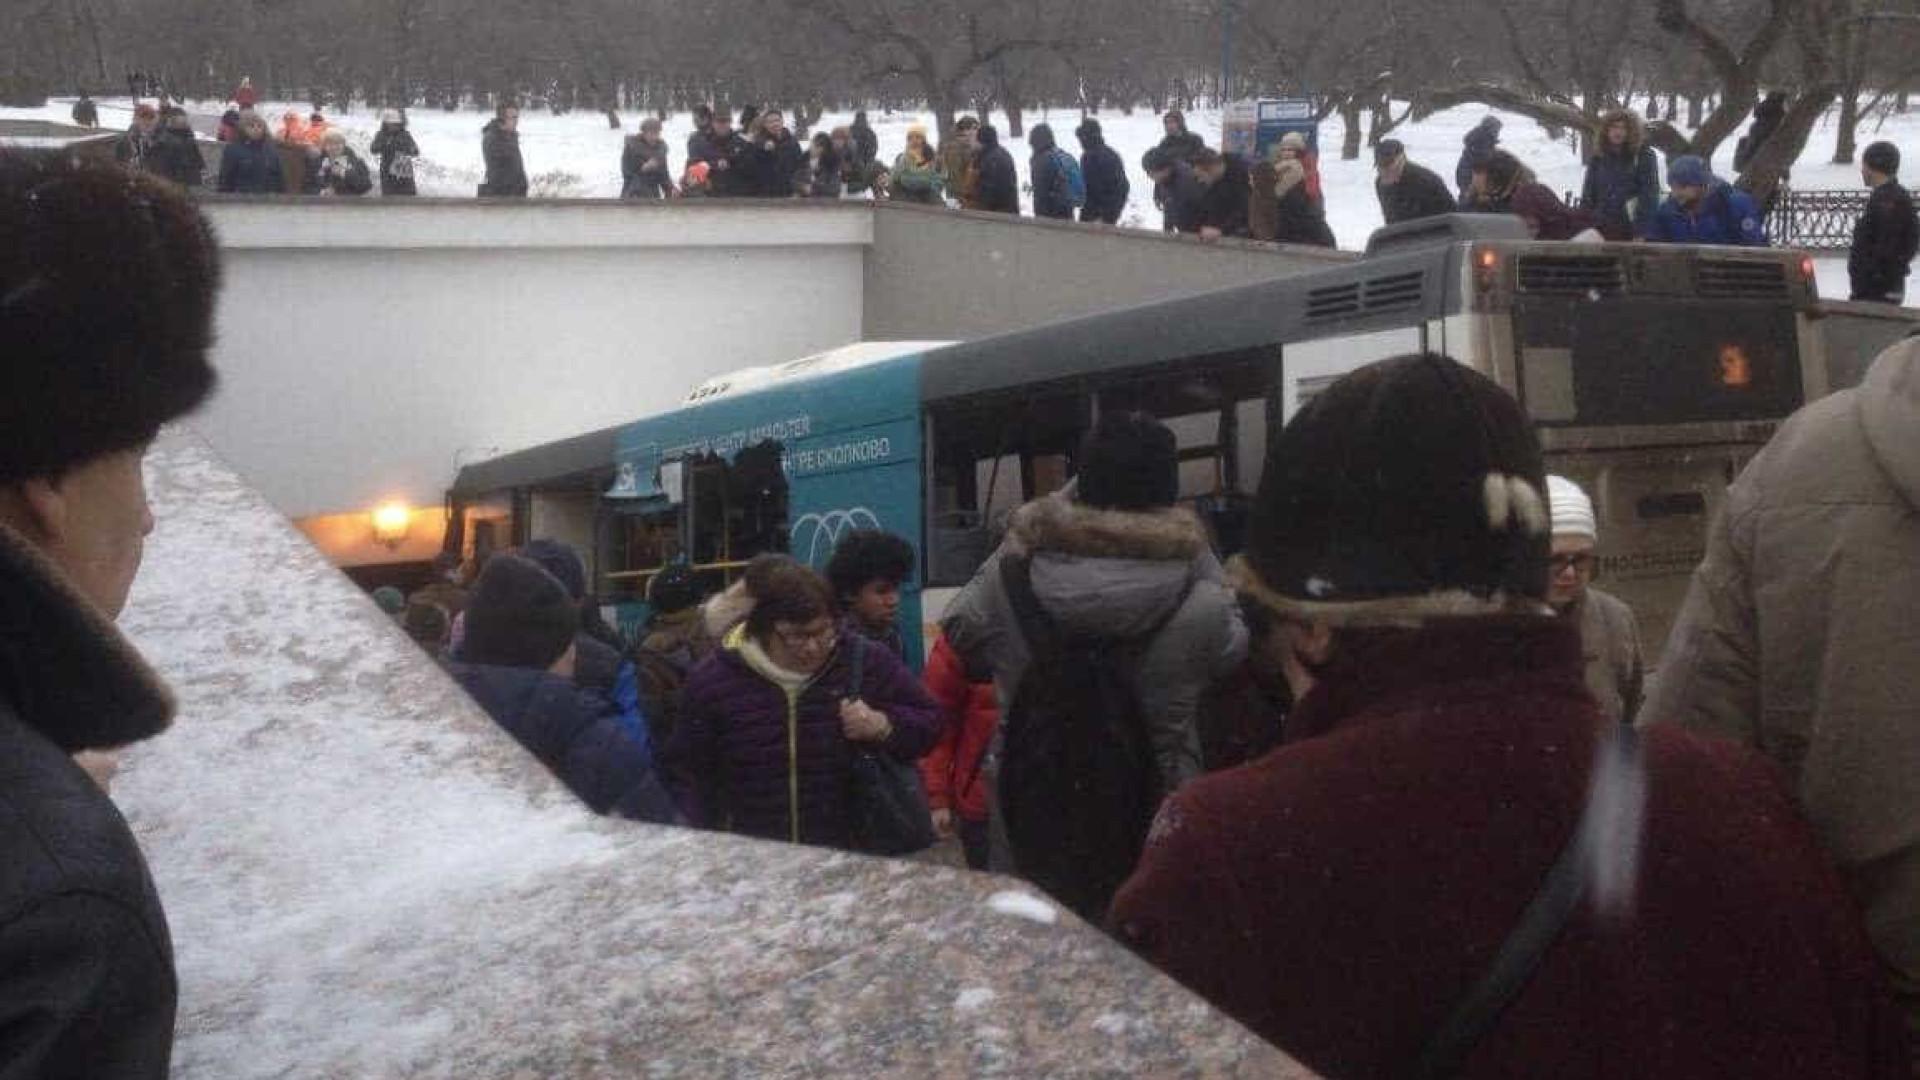 Ônibus atropela multidão em estação de metrô em Moscou e deixa 5 mortos